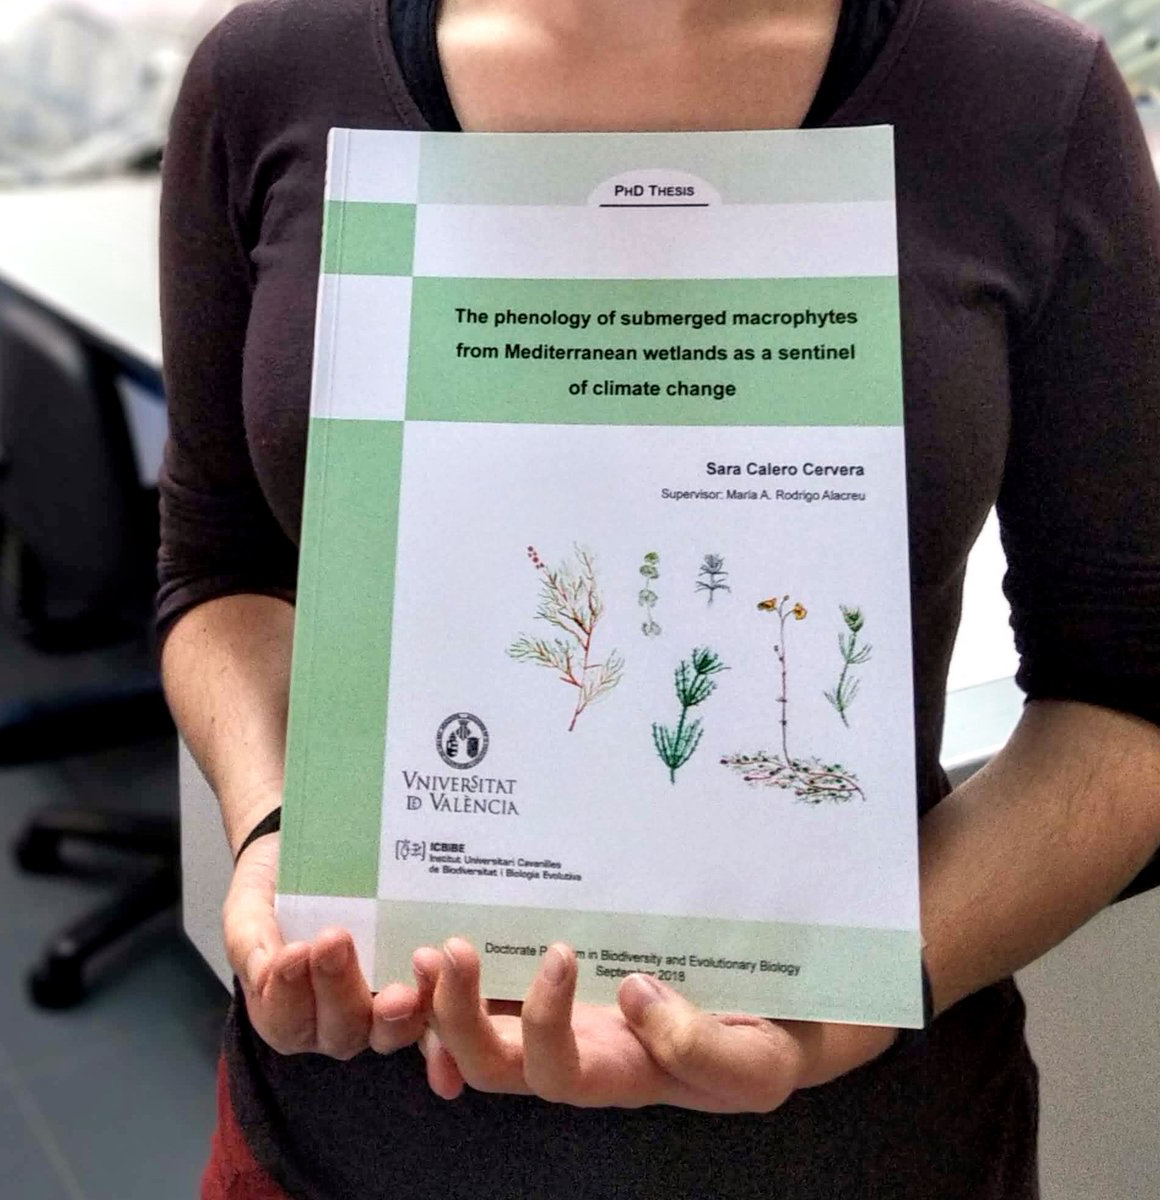 Ilustraciónes para tesis doctoral